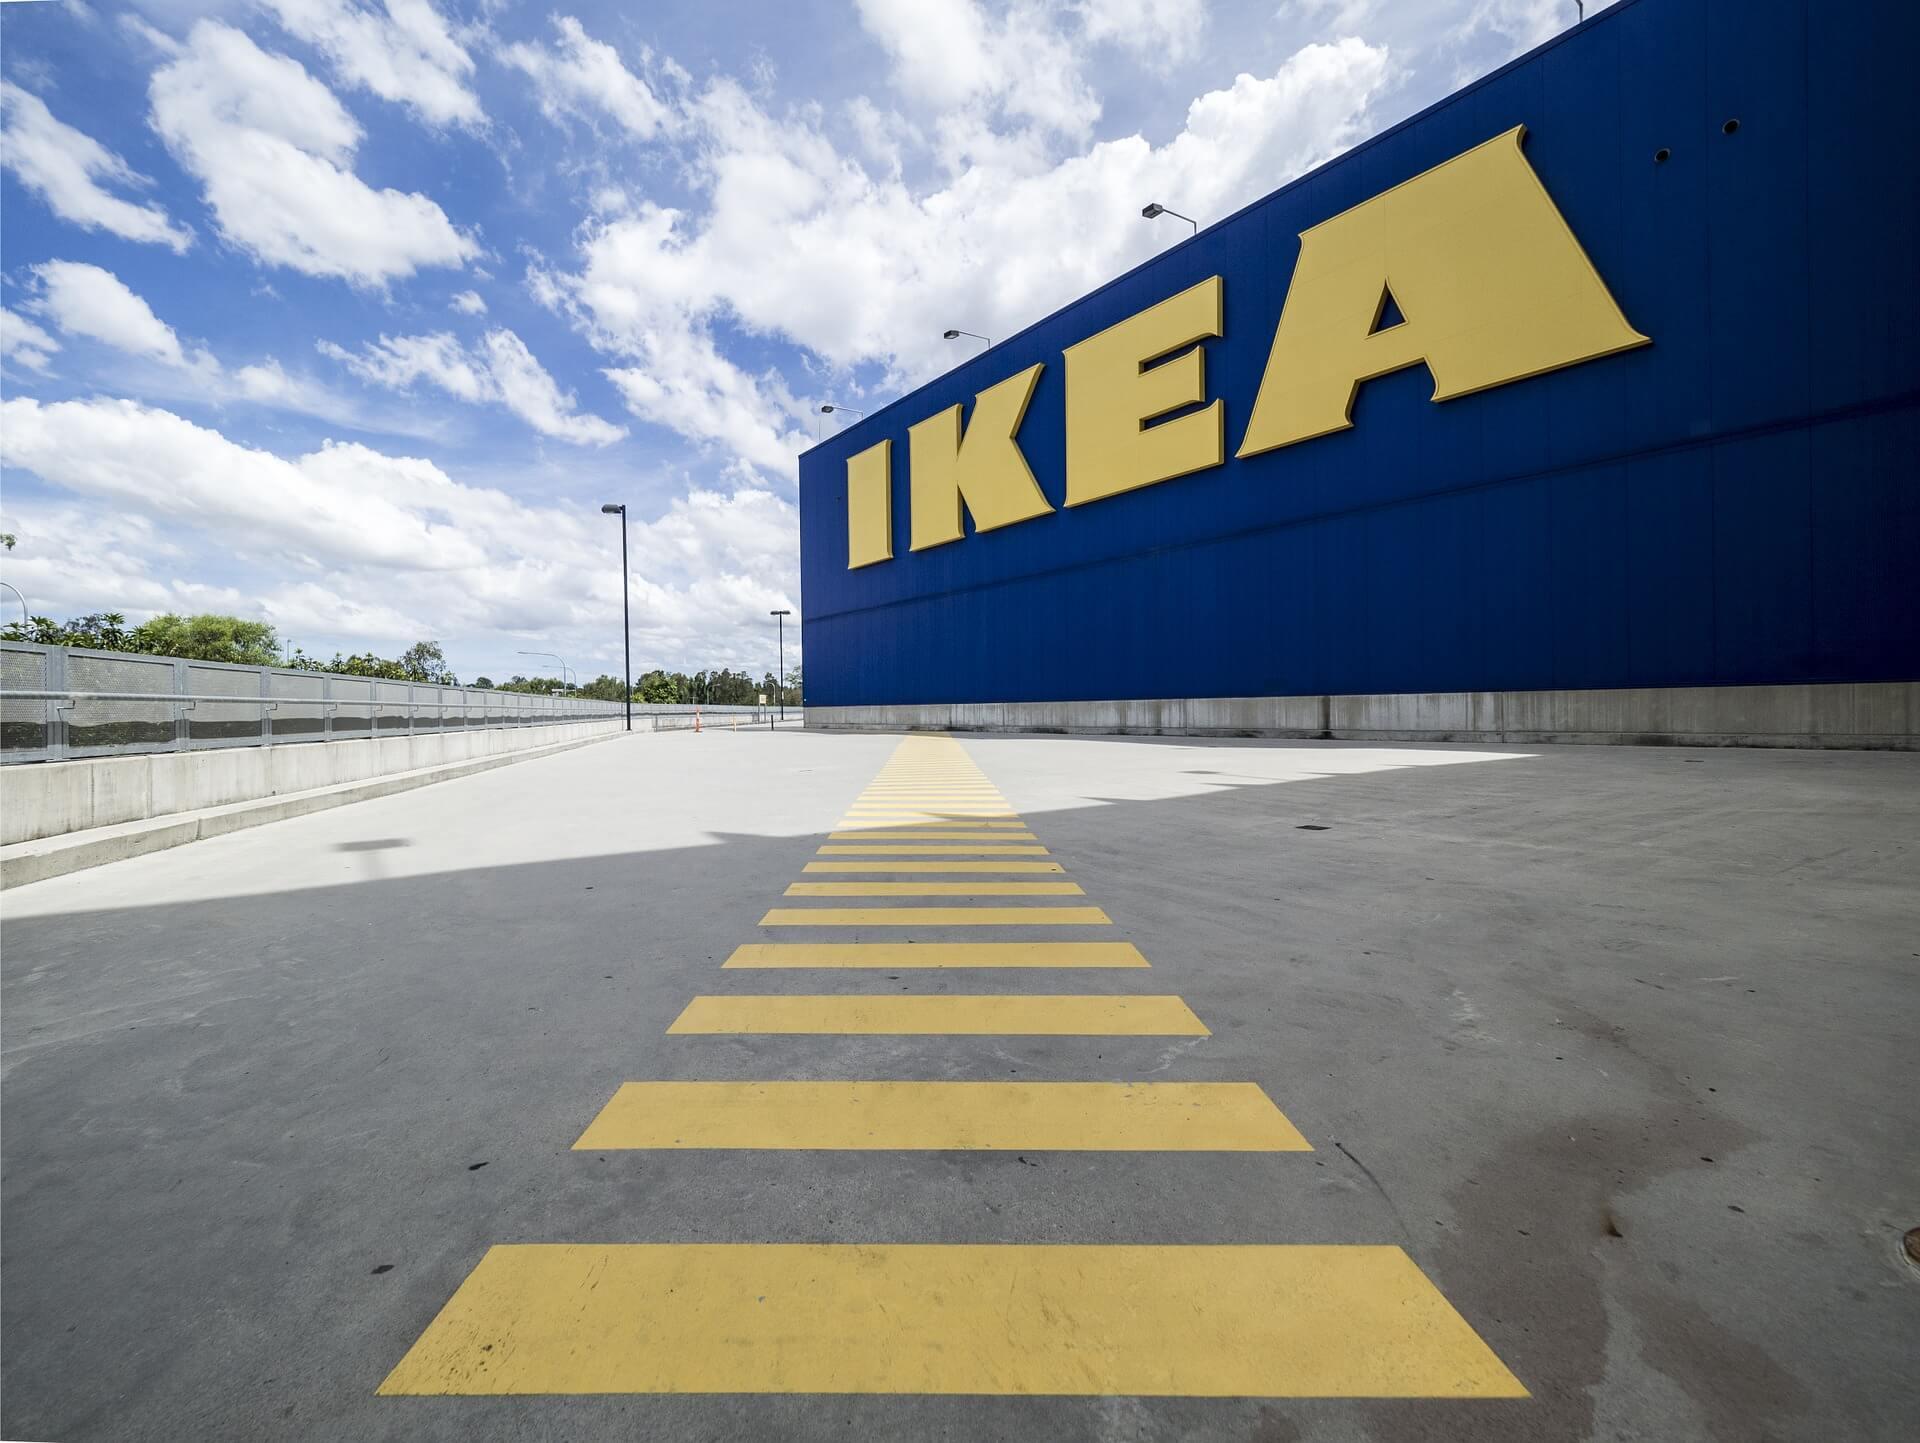 IKEA, meble, szwecja, sklep, dodatki, urządzanie wnętrz, wnętrze, mieszkanie, sklep wycofuje się z polski, bankructwo, składane meble, tanie meble, dodatki do wnętrz, dom, mieszkanie, wnętrza, dekorator wnętrz, pierwsza ikea w polsce, historia ikea